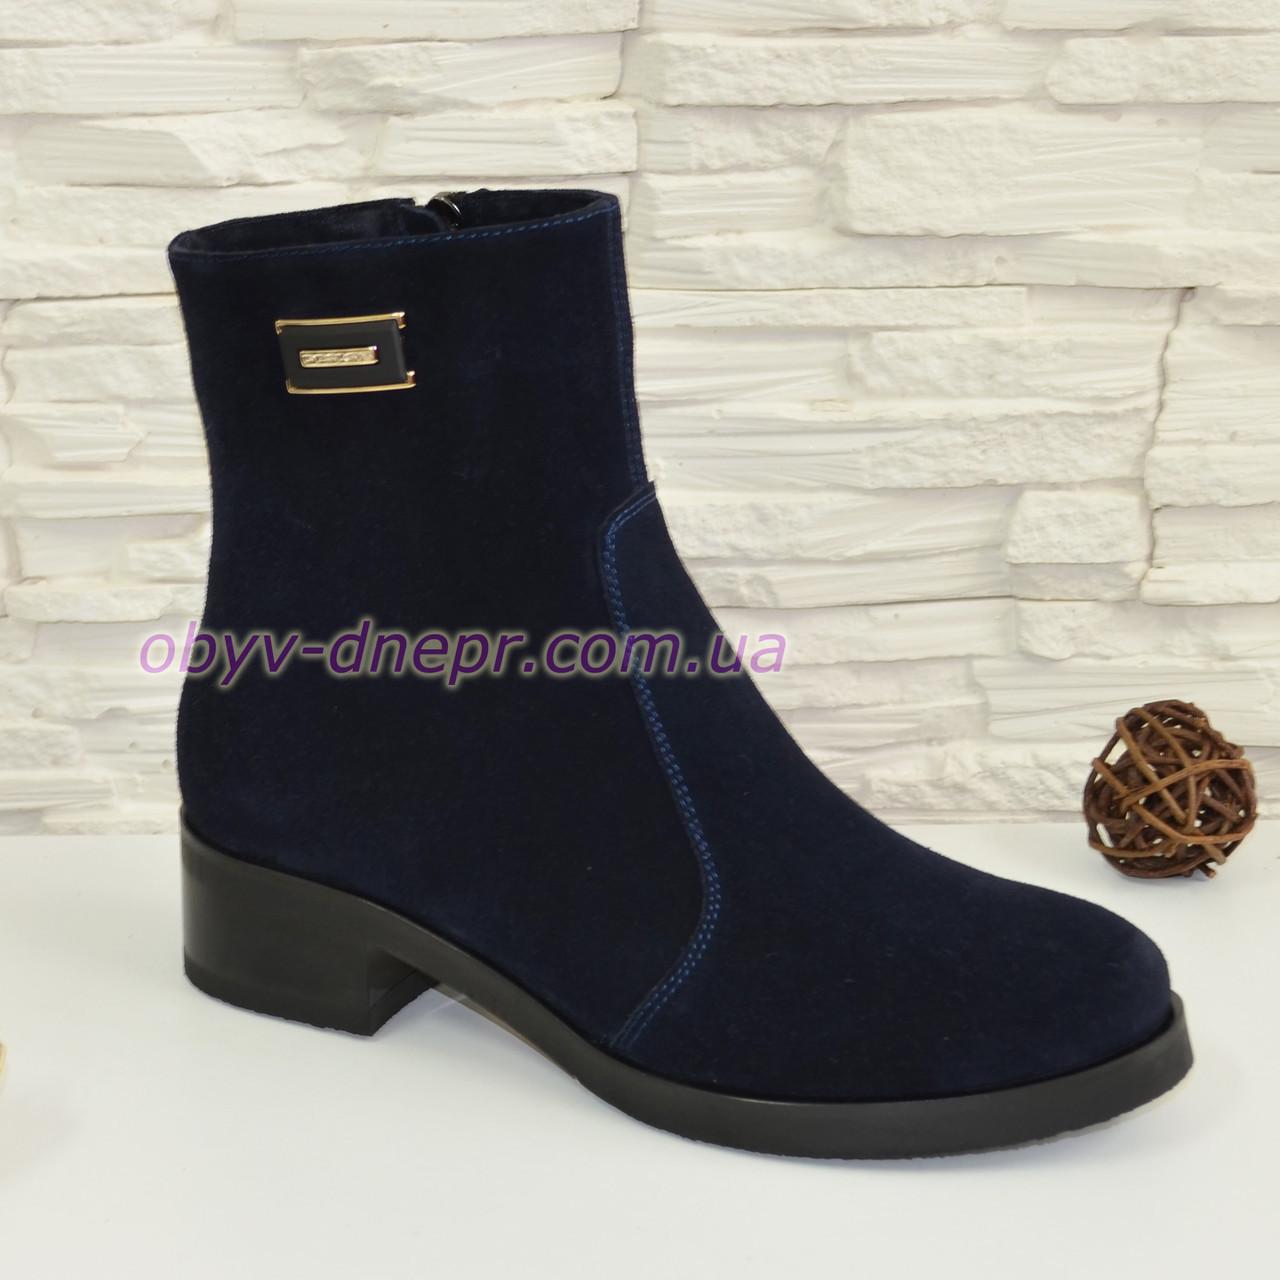 Ботинки женские синие замшевые   на невысоком каблуке, декорированы фурнитурой